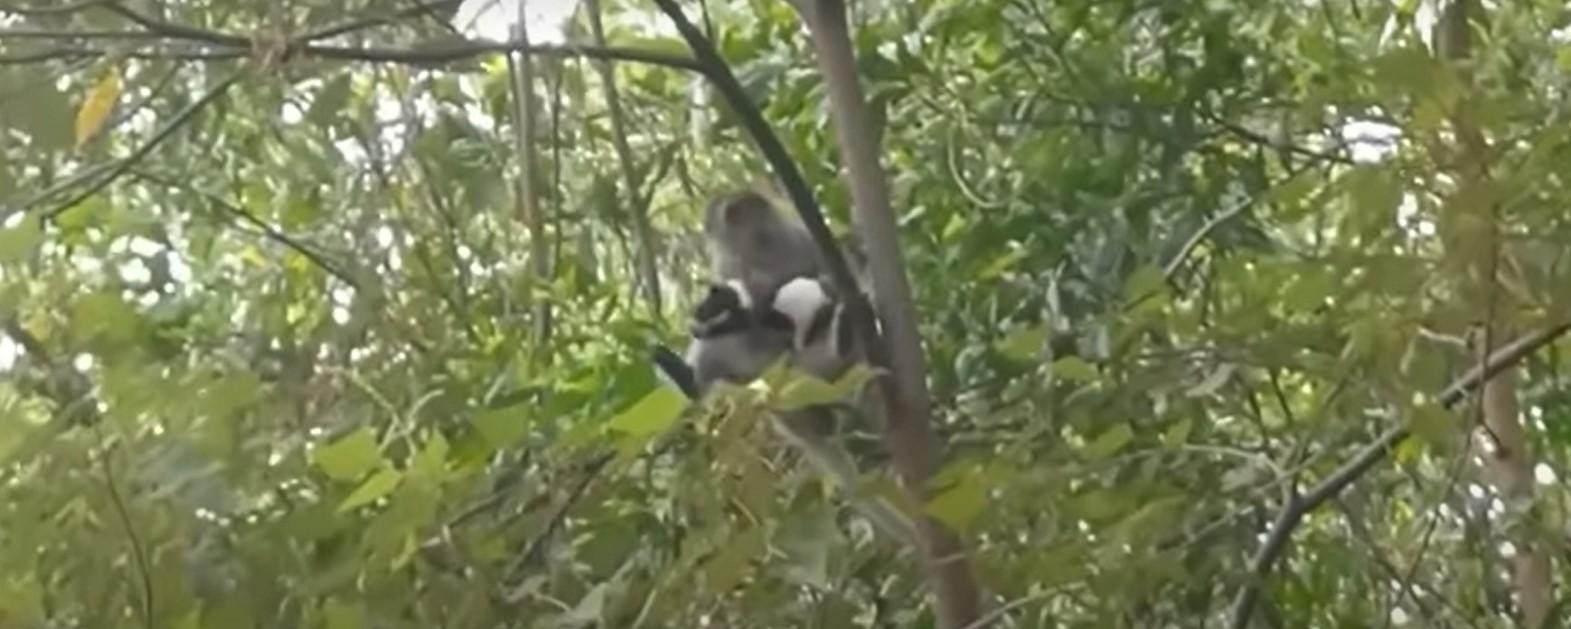 القرد يمسك بالكلب الصغير أعلى الشجرة